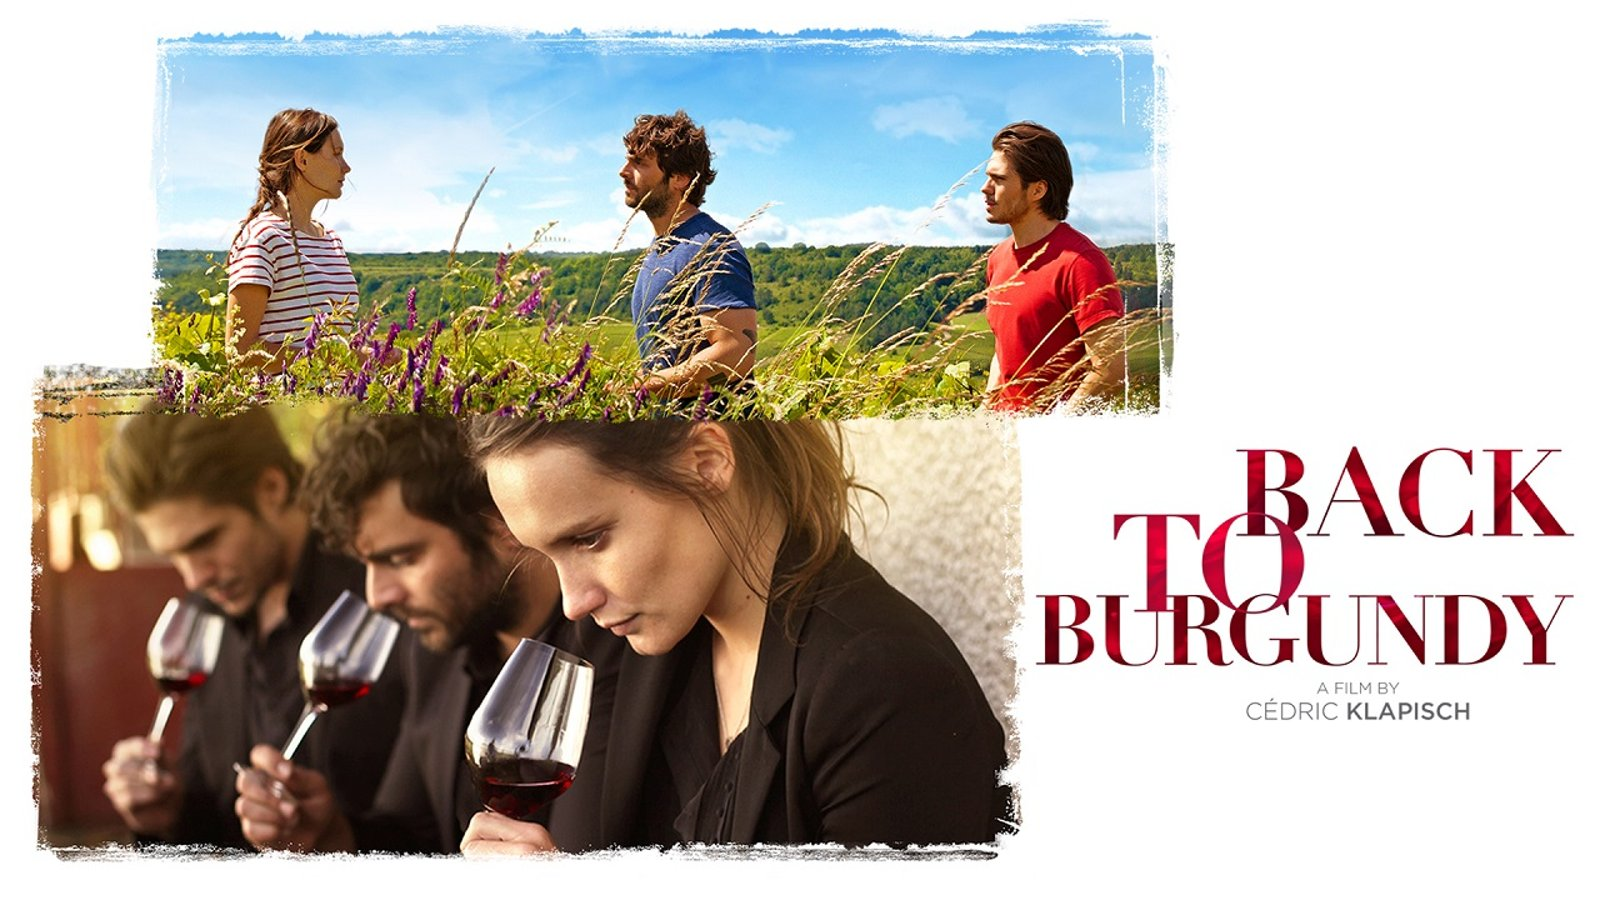 Back to Burgundy - Ce qui nous lie